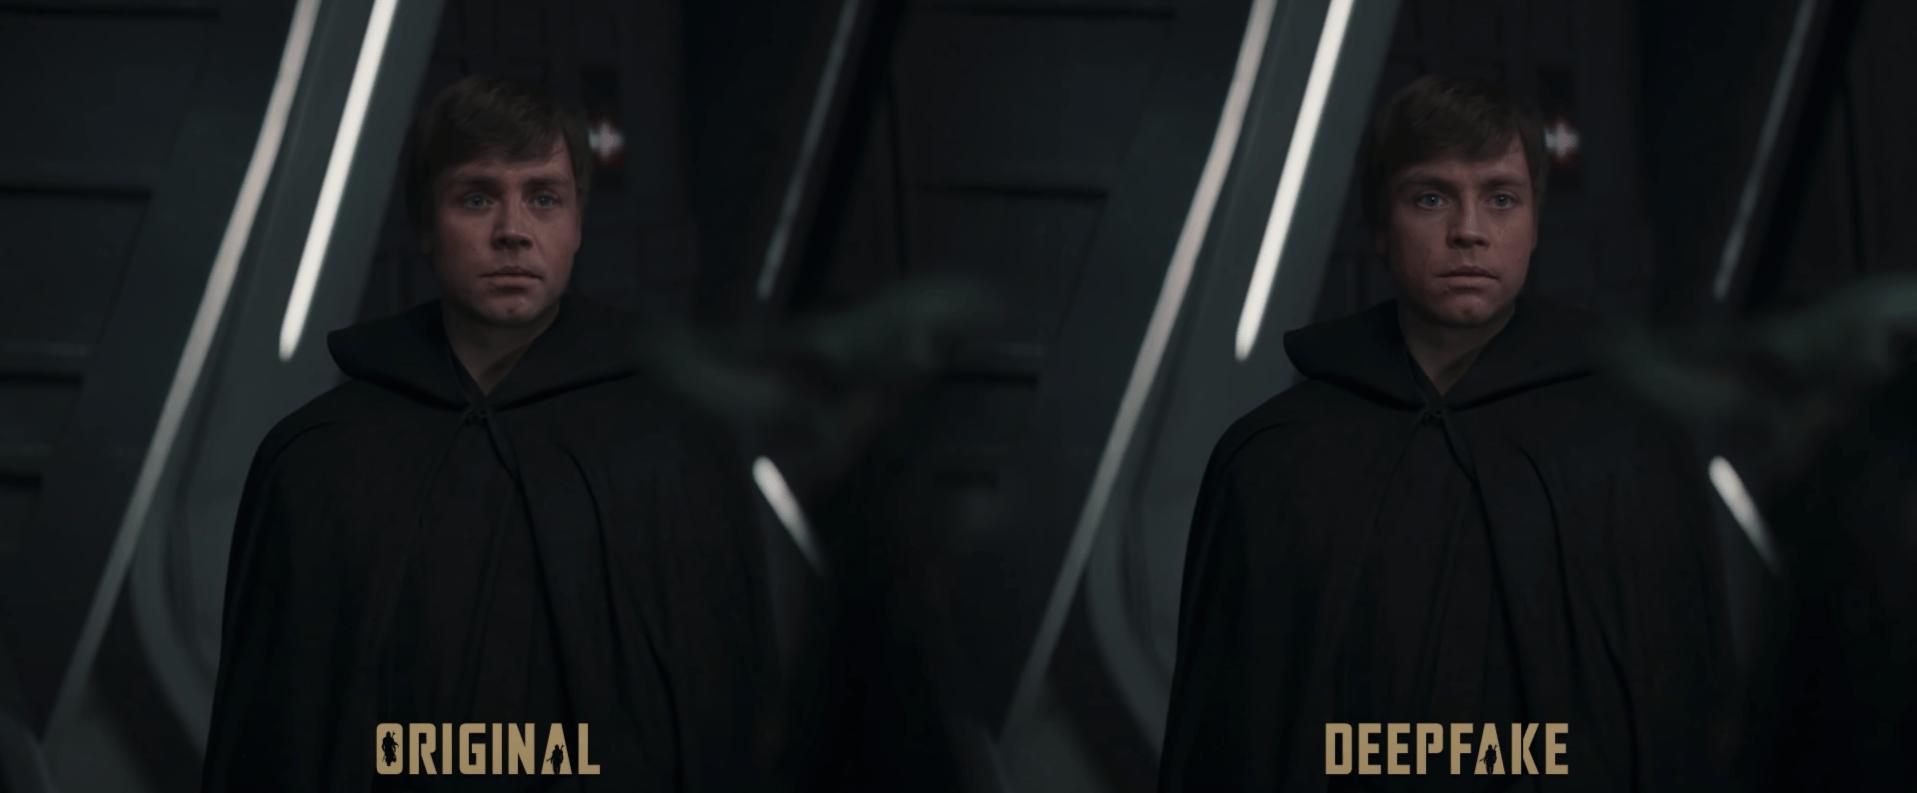 Luke Skywalker deepfake